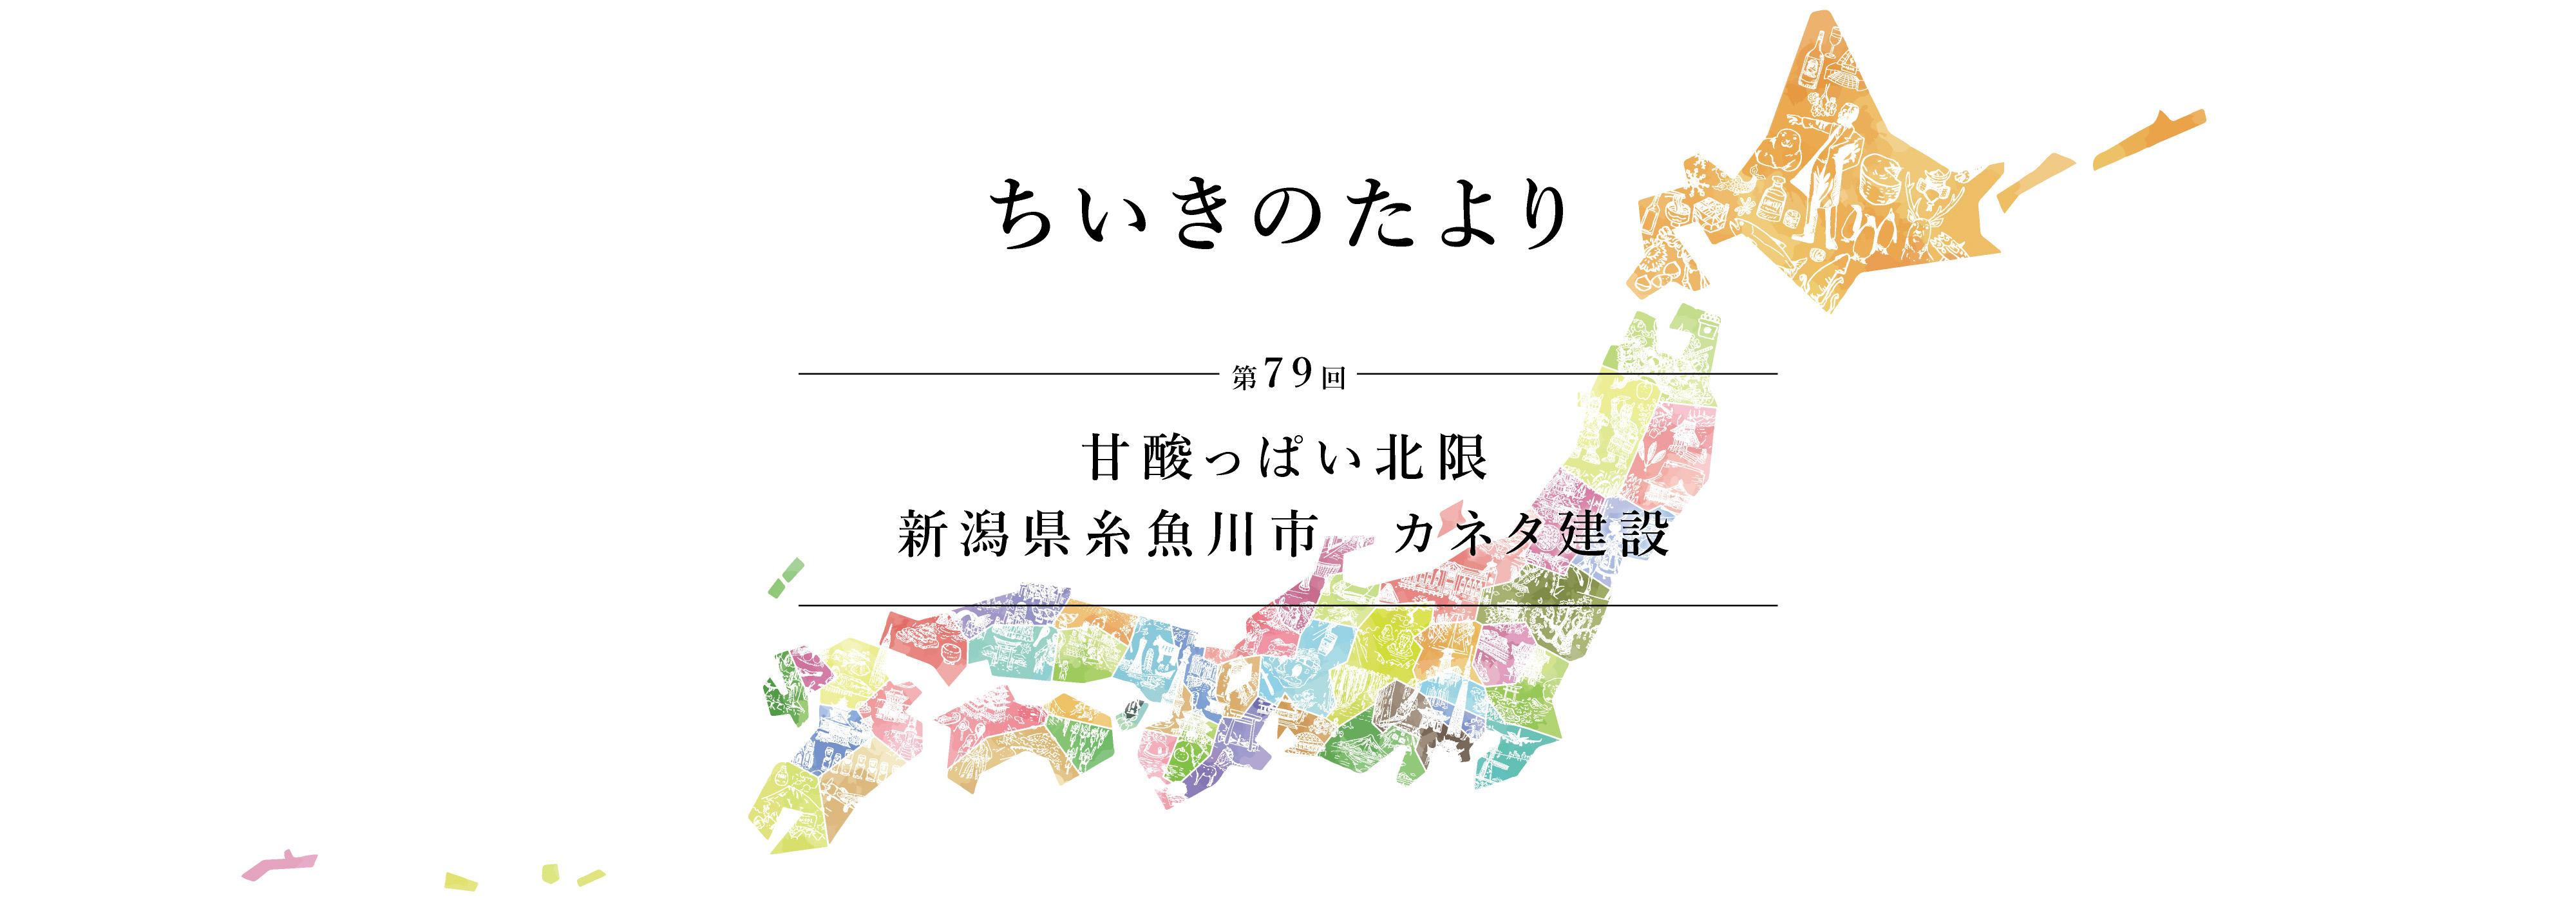 ちいきのたより第79回甘酸っぱい北限 新潟県糸魚川市 カネタ建設